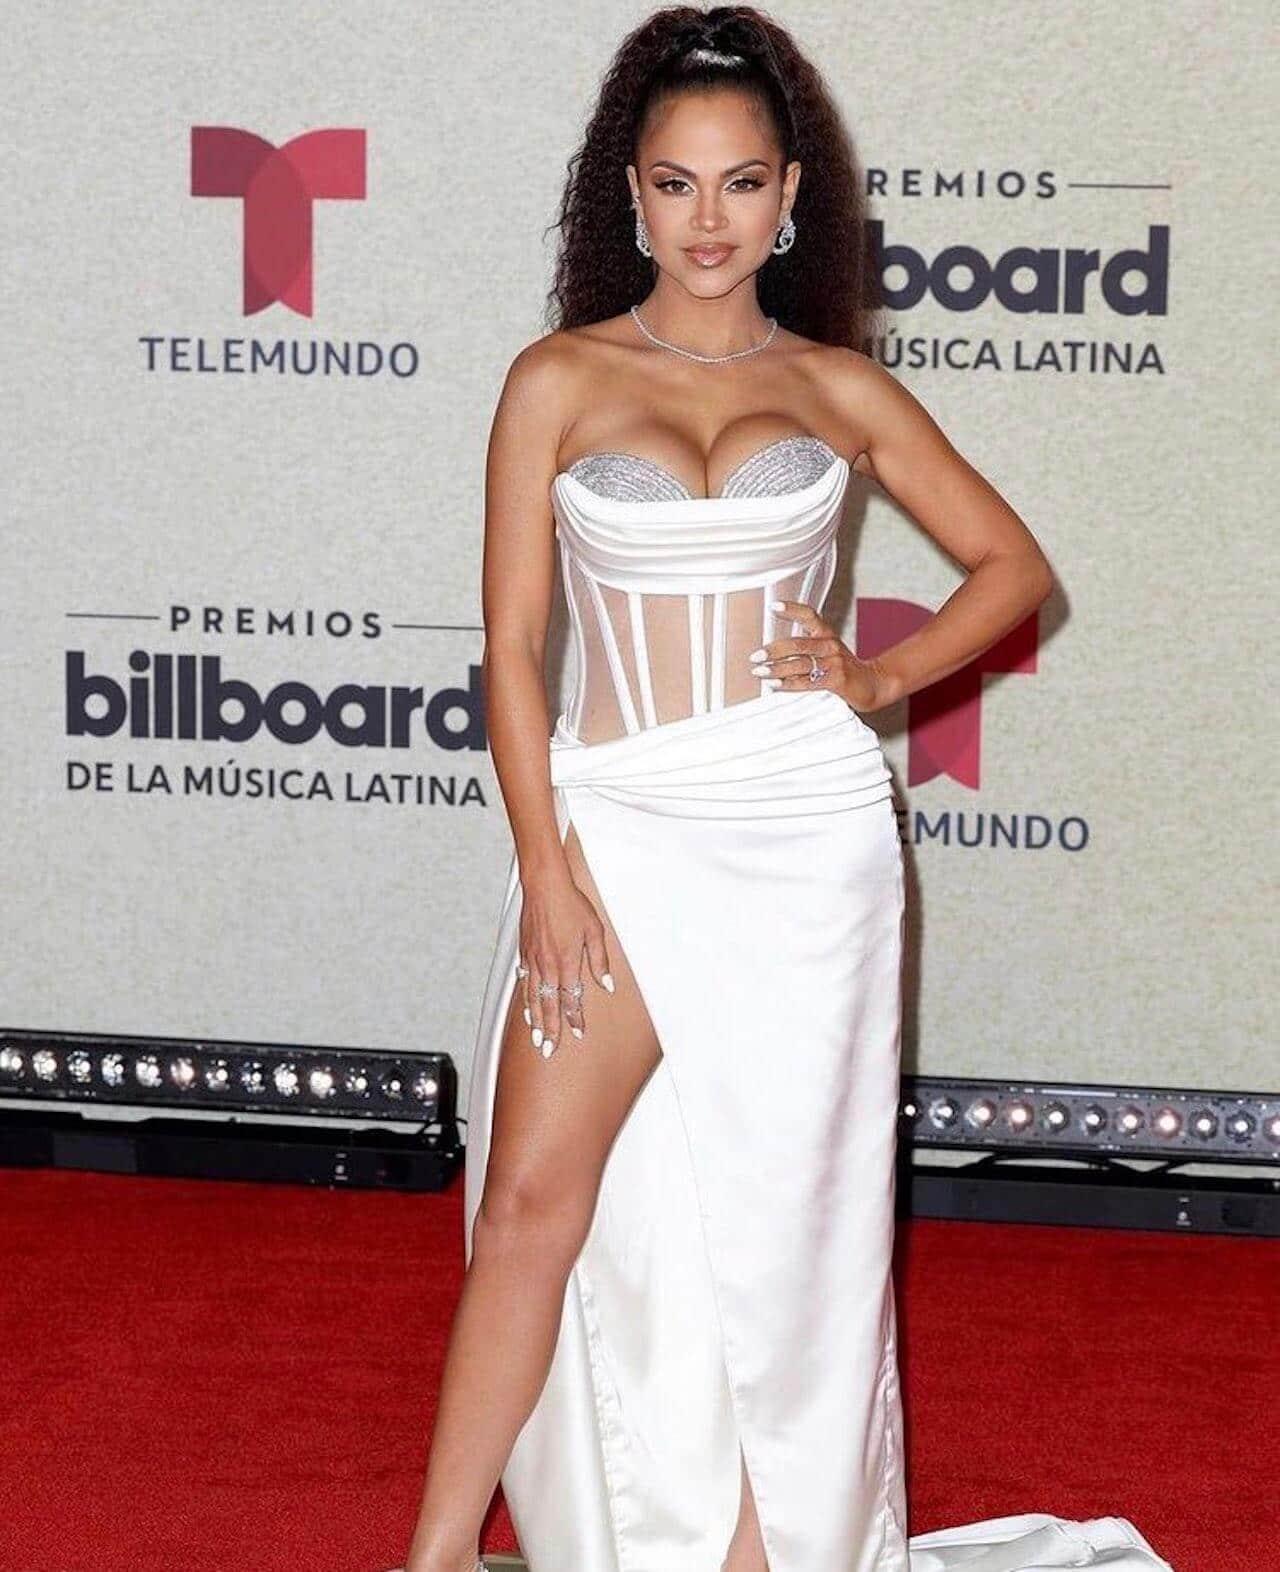 Natti Natasha Premios Billboard Latinos 2021